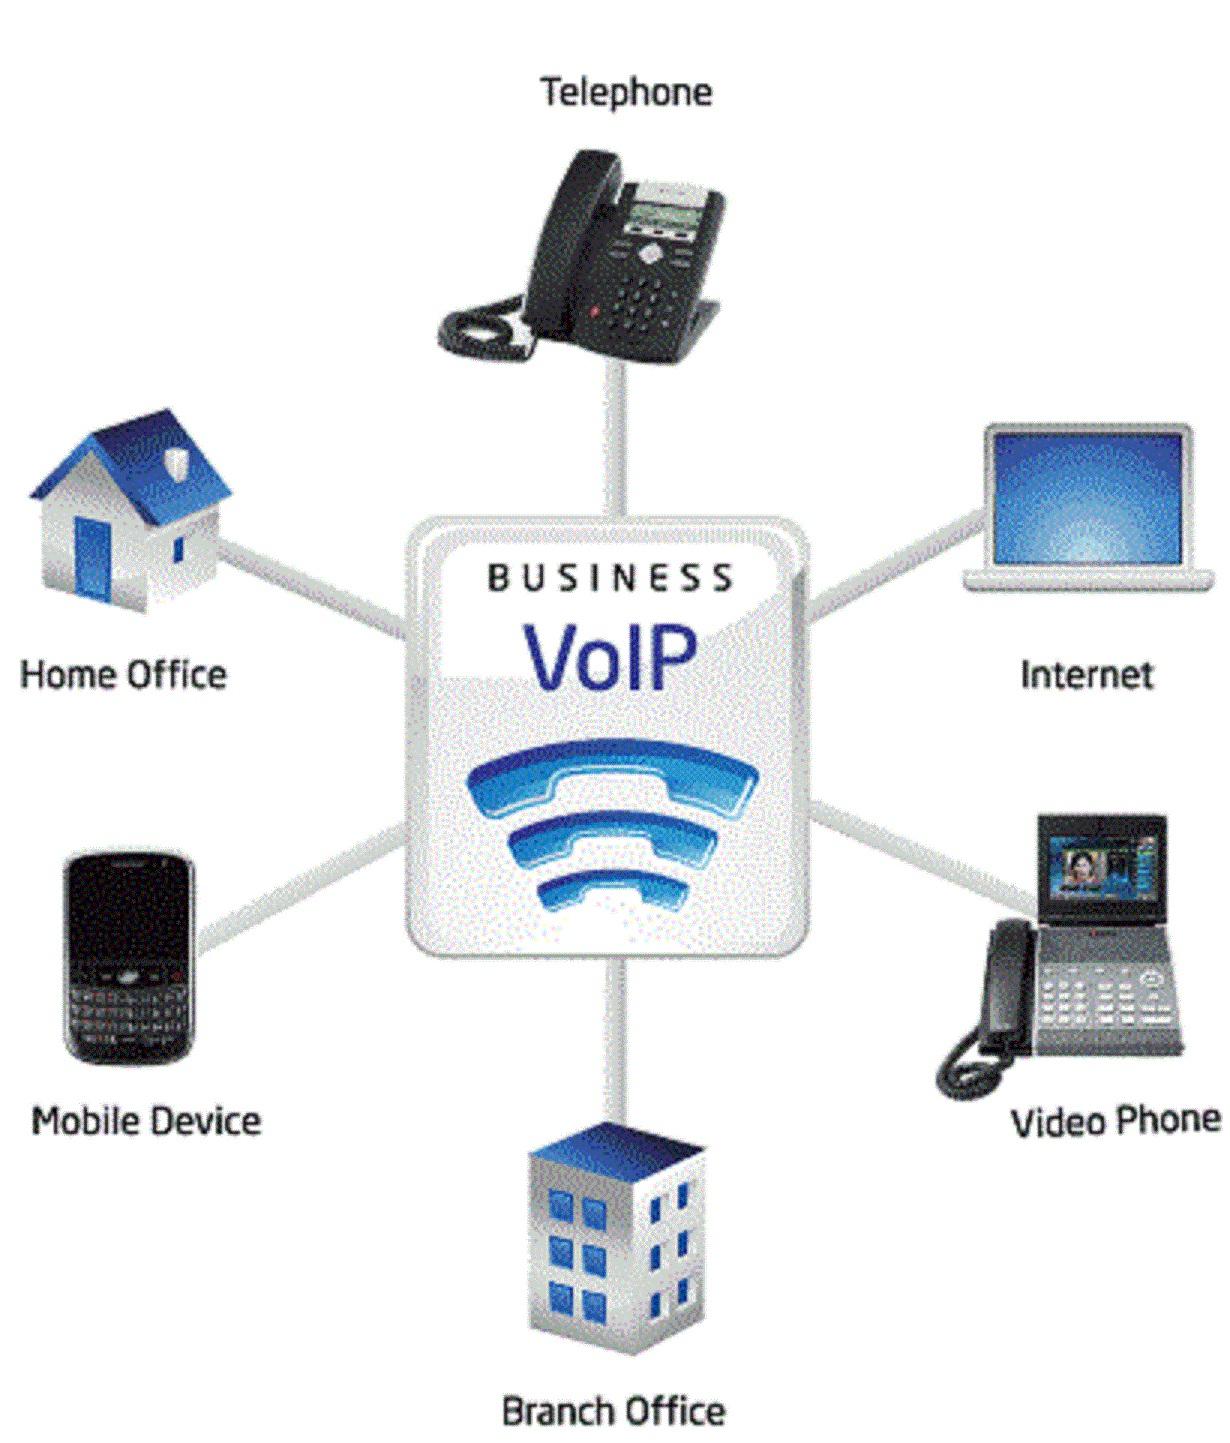 استفاده از VoIP در کسب و کار